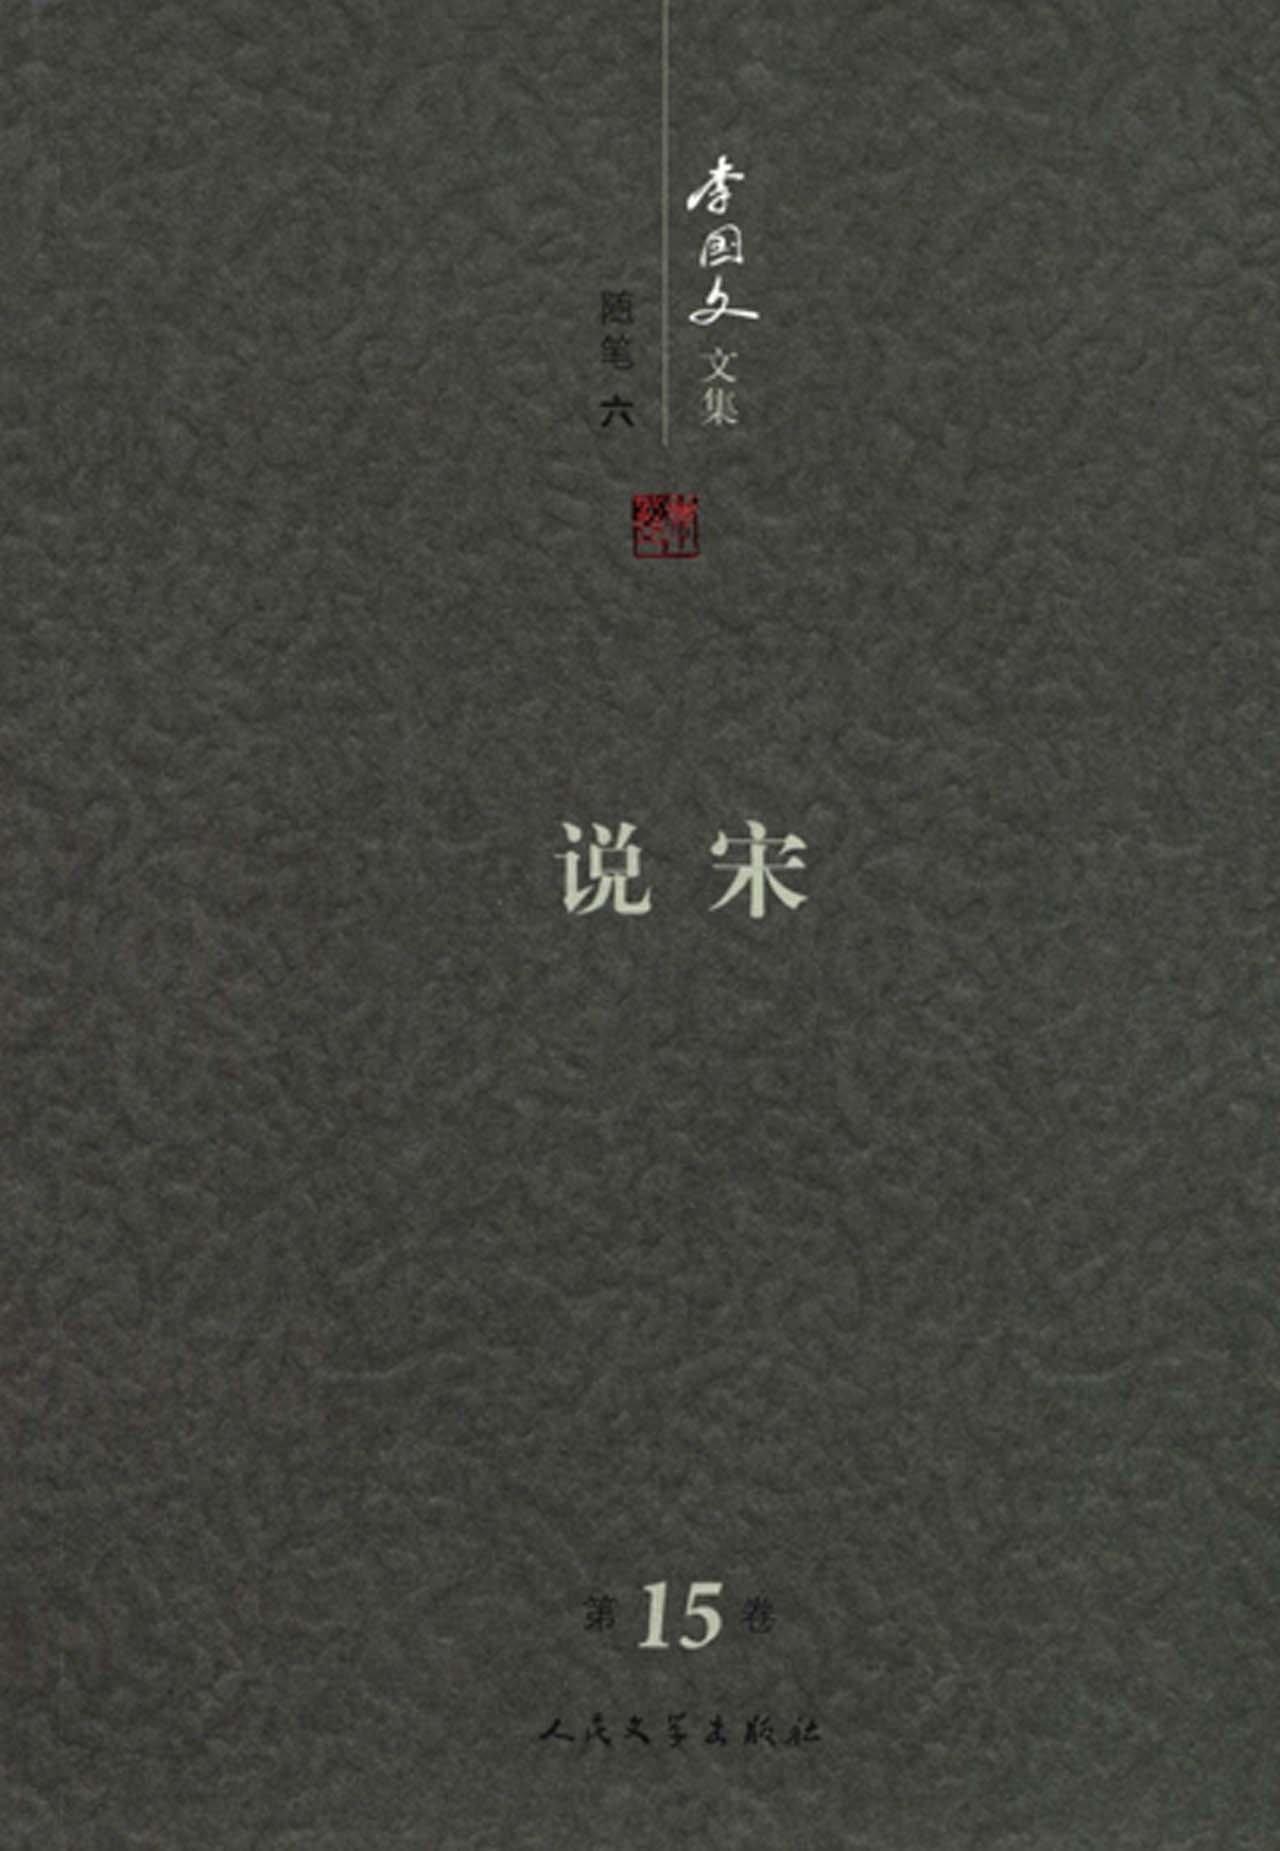 李国文文集(第15卷)•随笔6:说宋